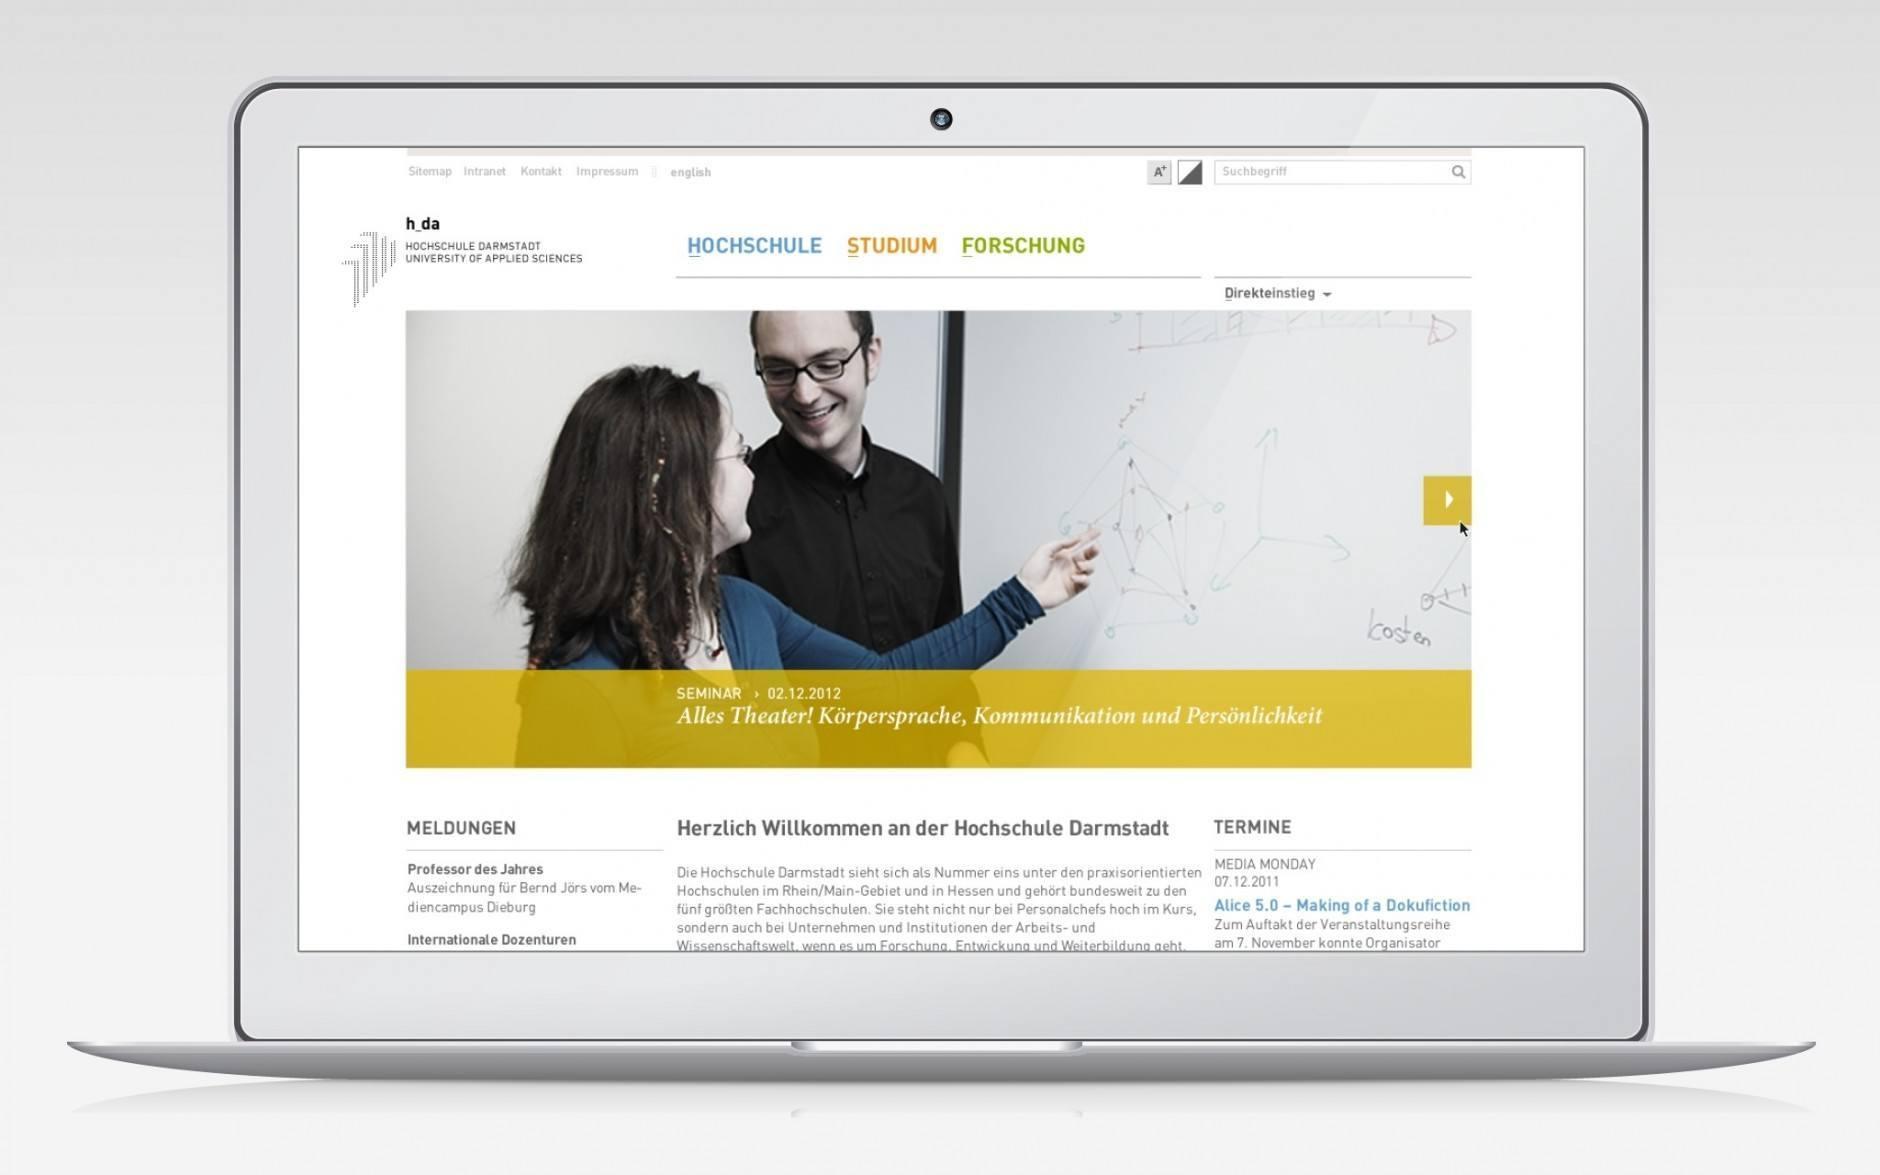 webauftritt_hochschule-darmstadt_02-001